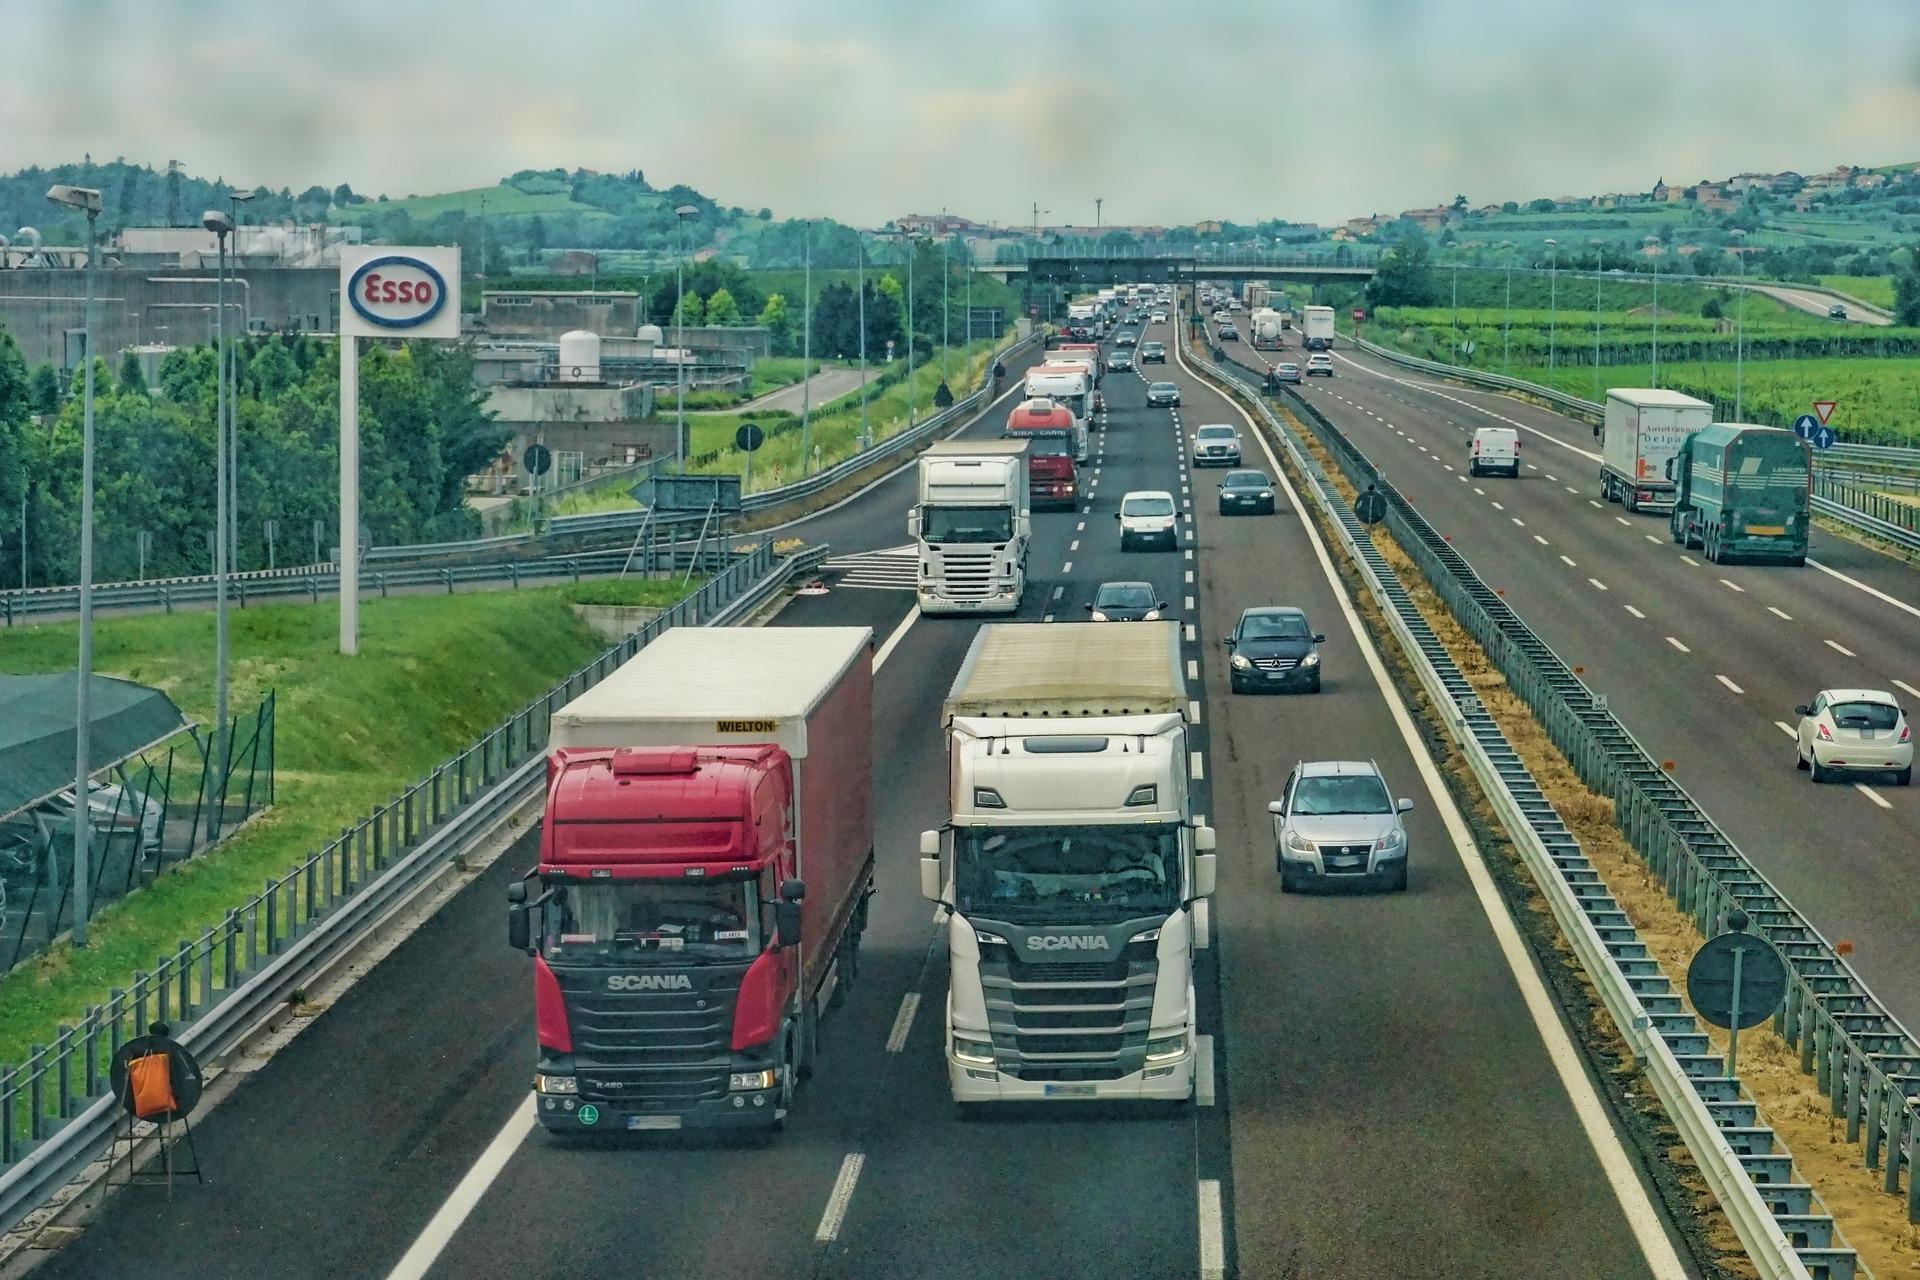 avtocesta z avtomobili in tovornjaki